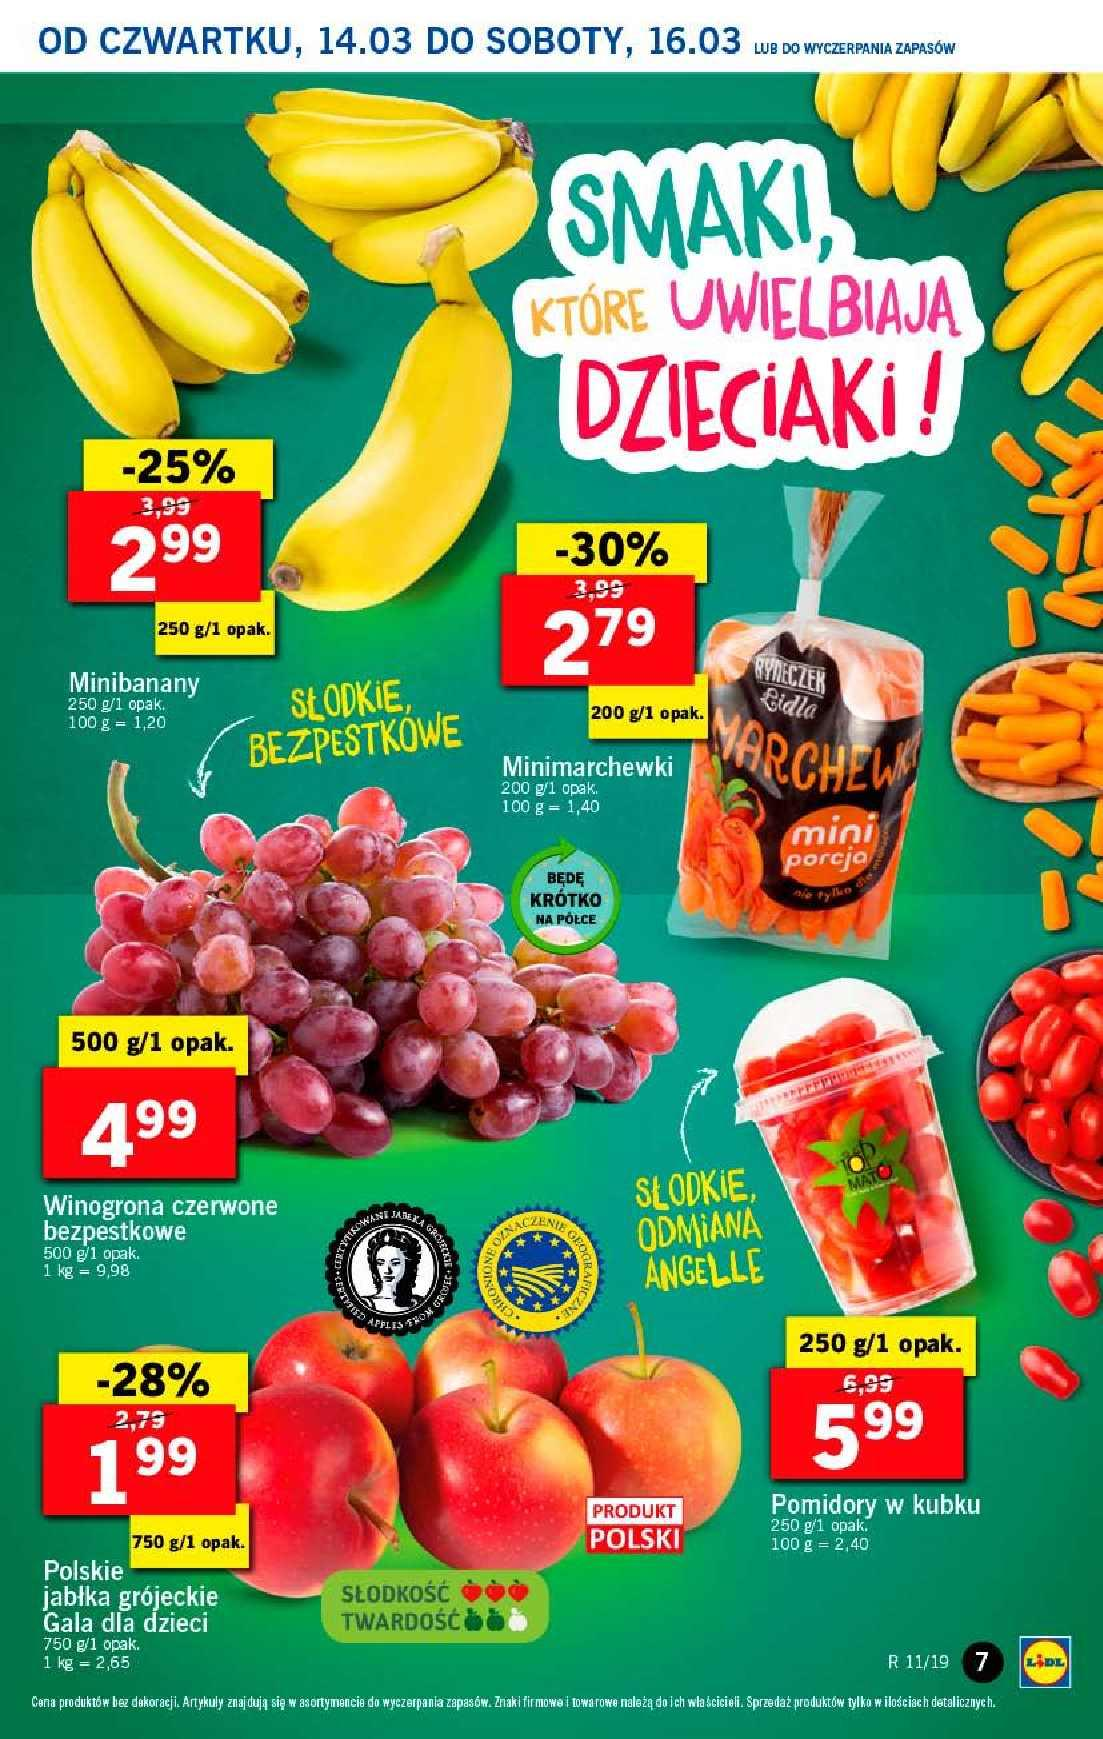 Gazetka promocyjna Lidl do 17/03/2019 str.7